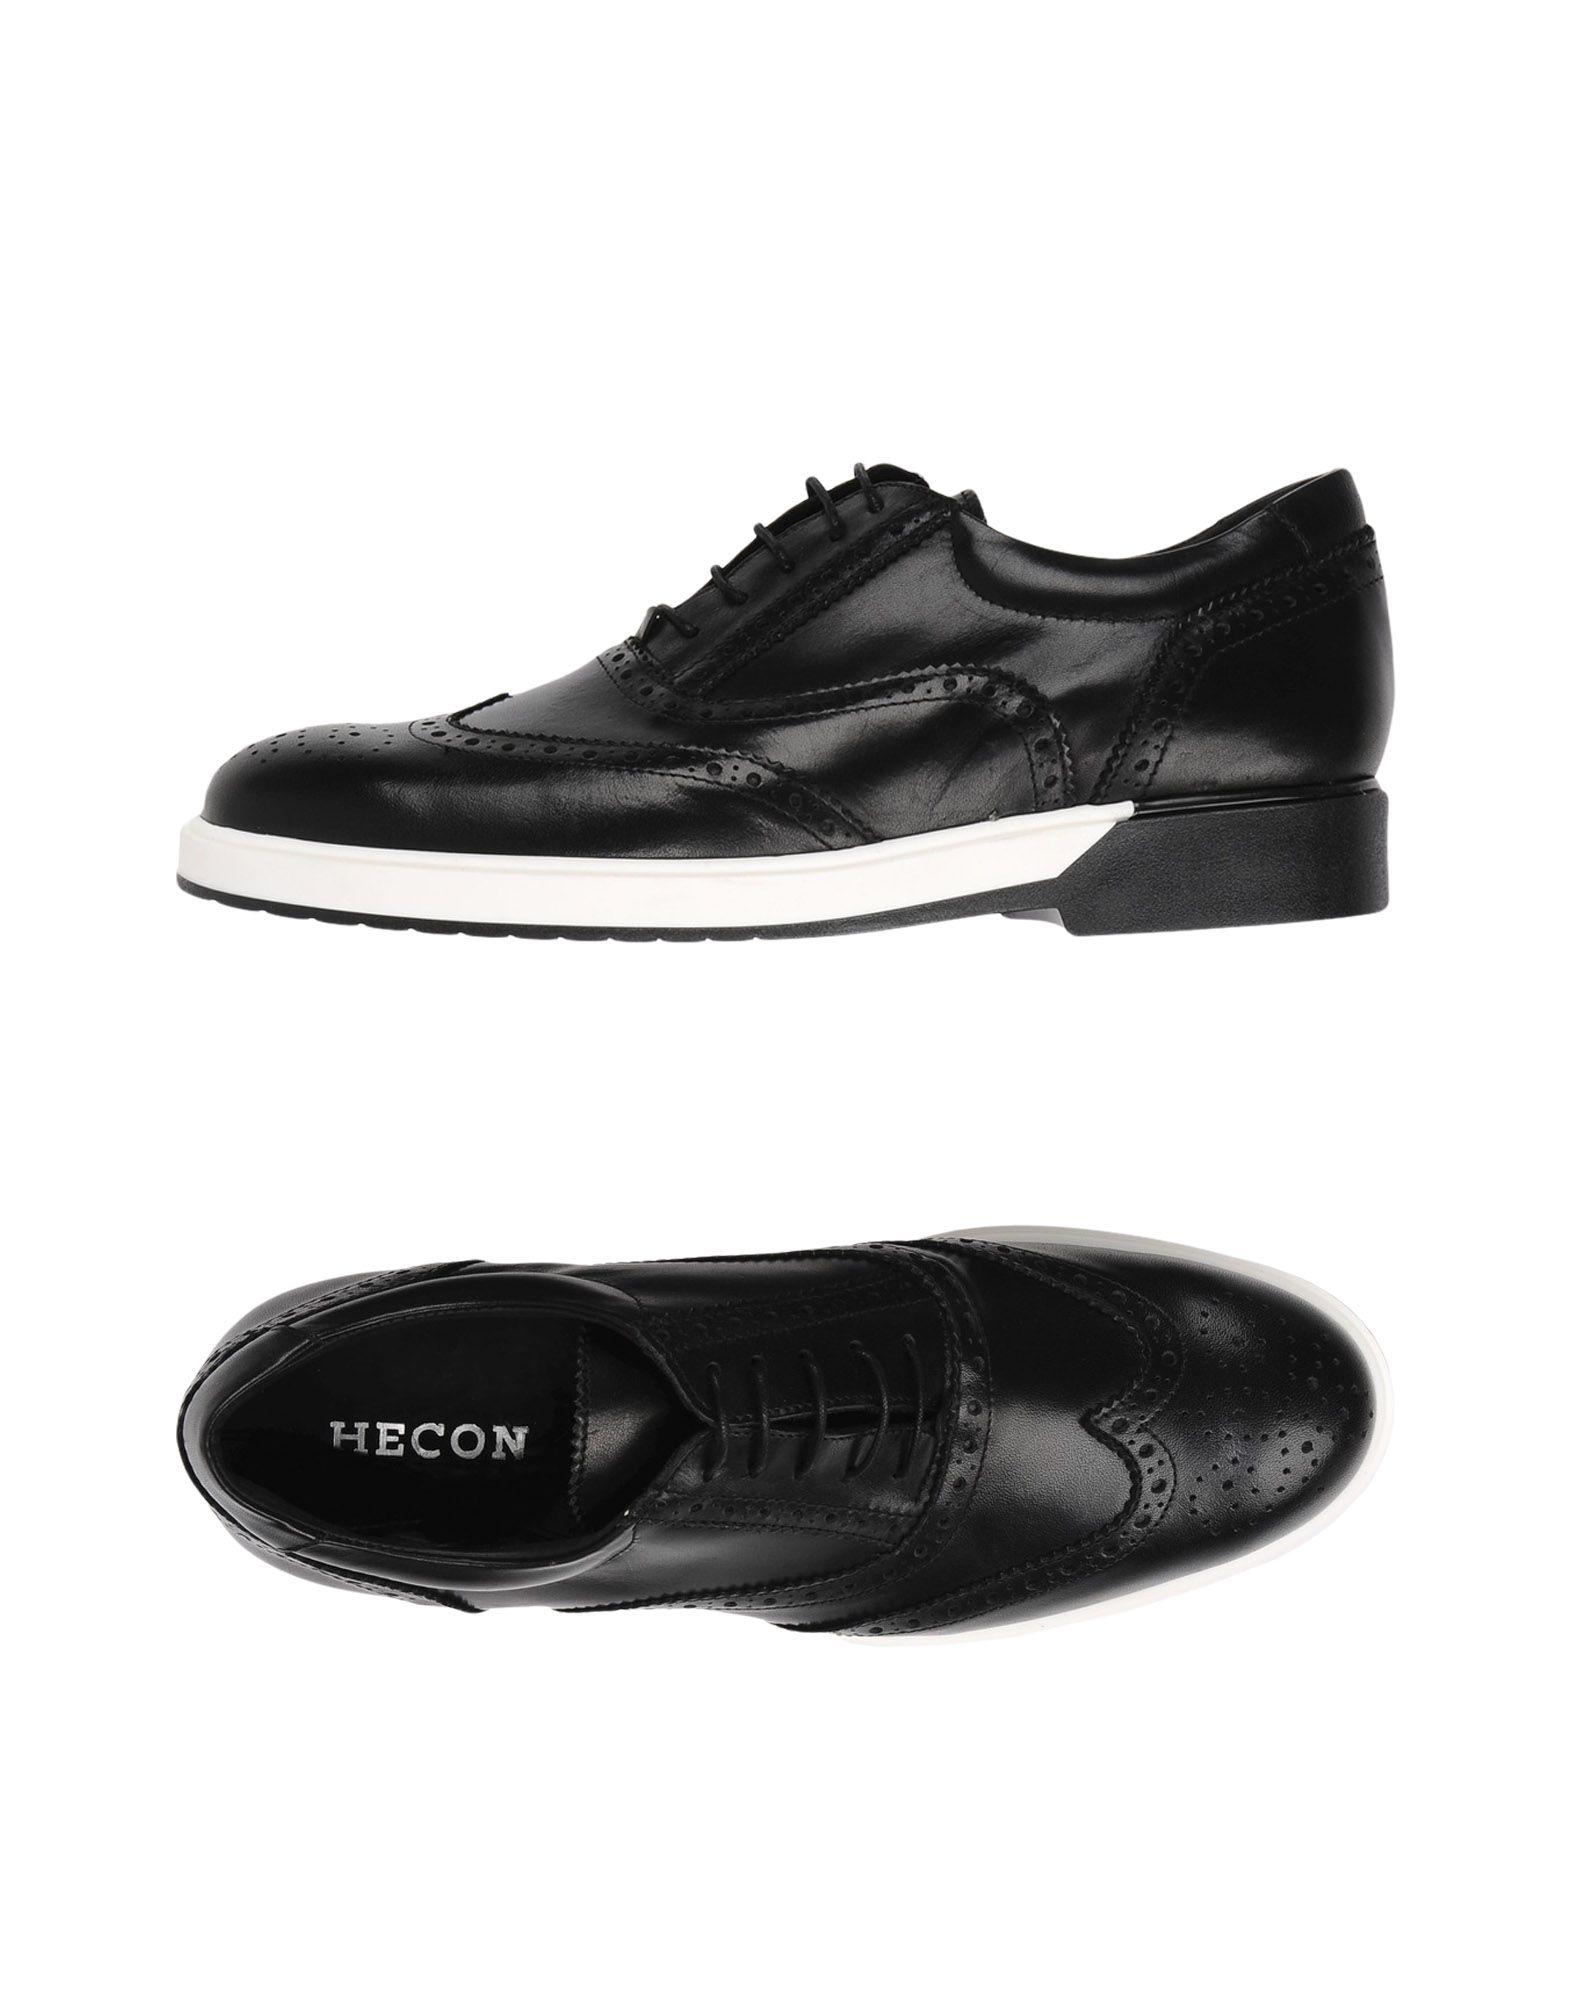 《送料無料》HECON メンズ レースアップシューズ ブラック 42 牛革(カーフ)